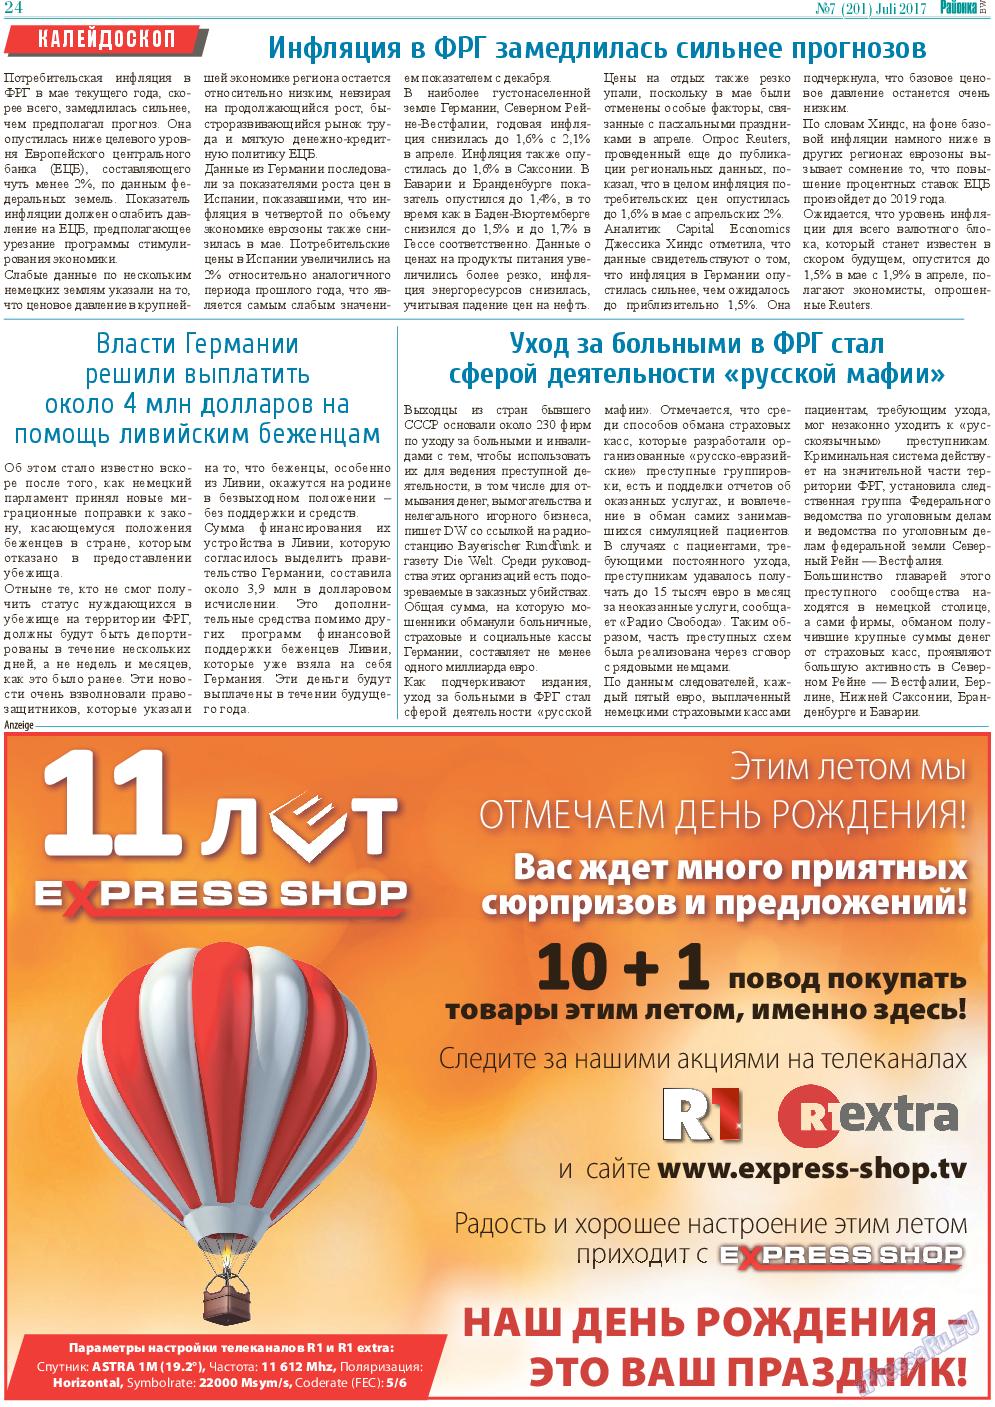 Районка-Nord-Ost-Bremen (газета). 2017 год, номер 7, стр. 24